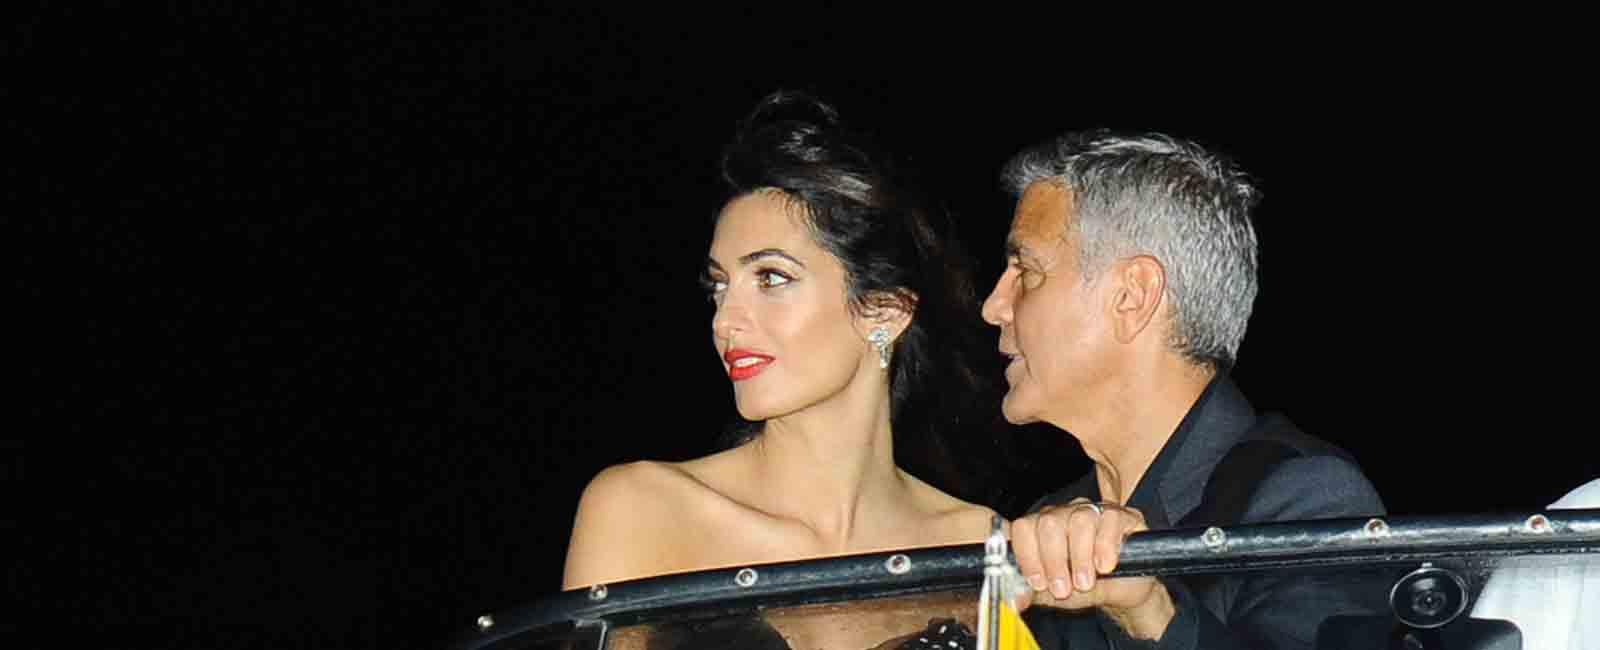 George y Amal Clooney, romántica llegada al Festival de Venecia